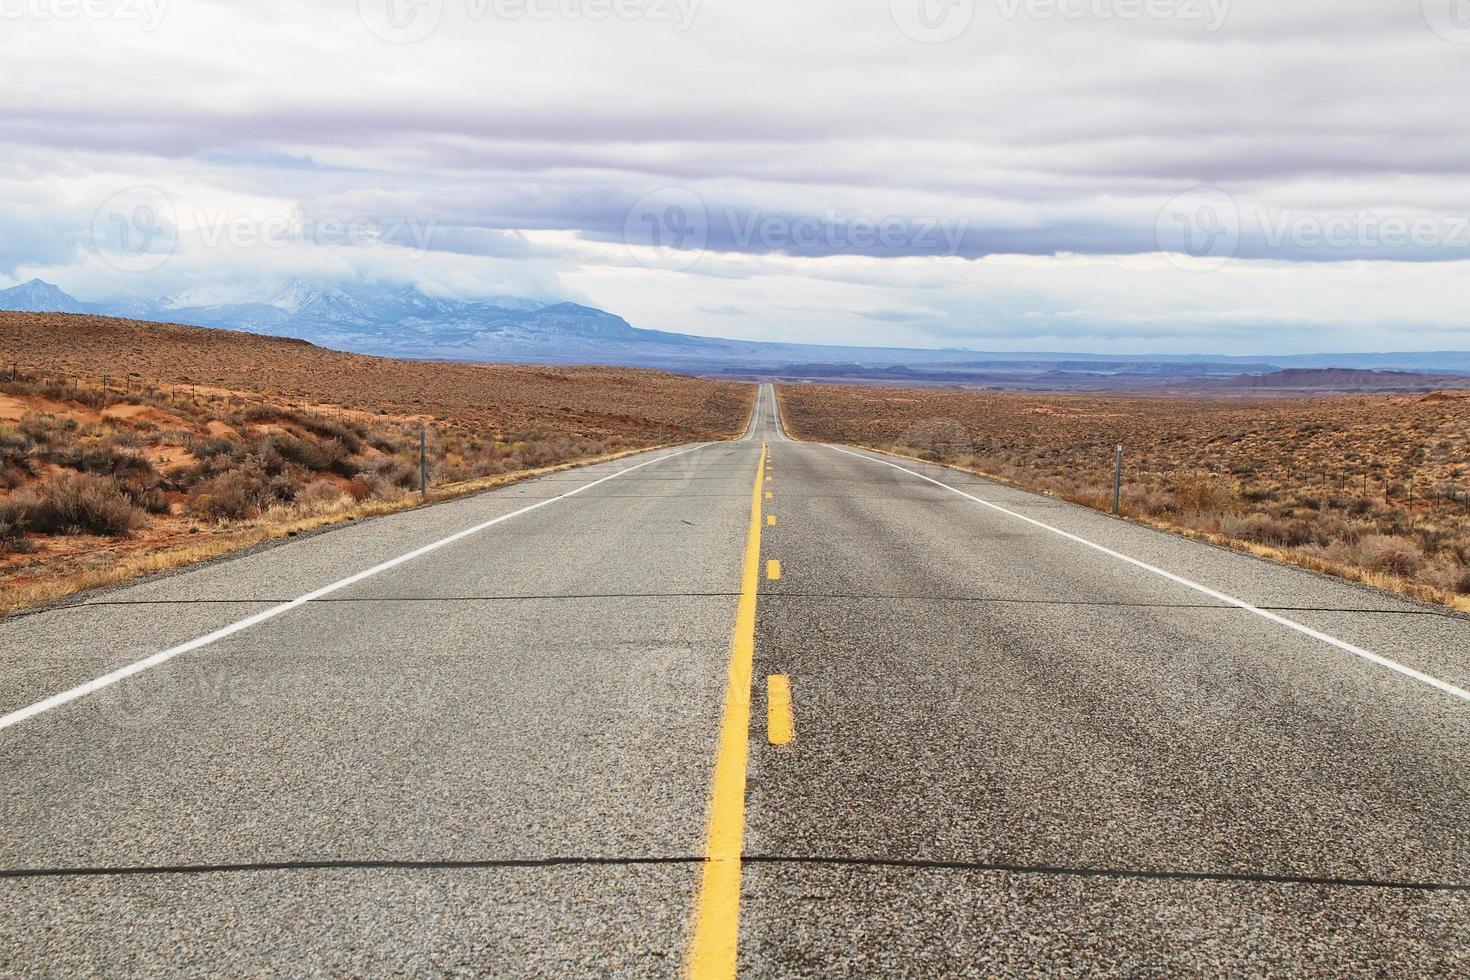 Scenic Road 24, Central Utah, Verenigde Staten foto